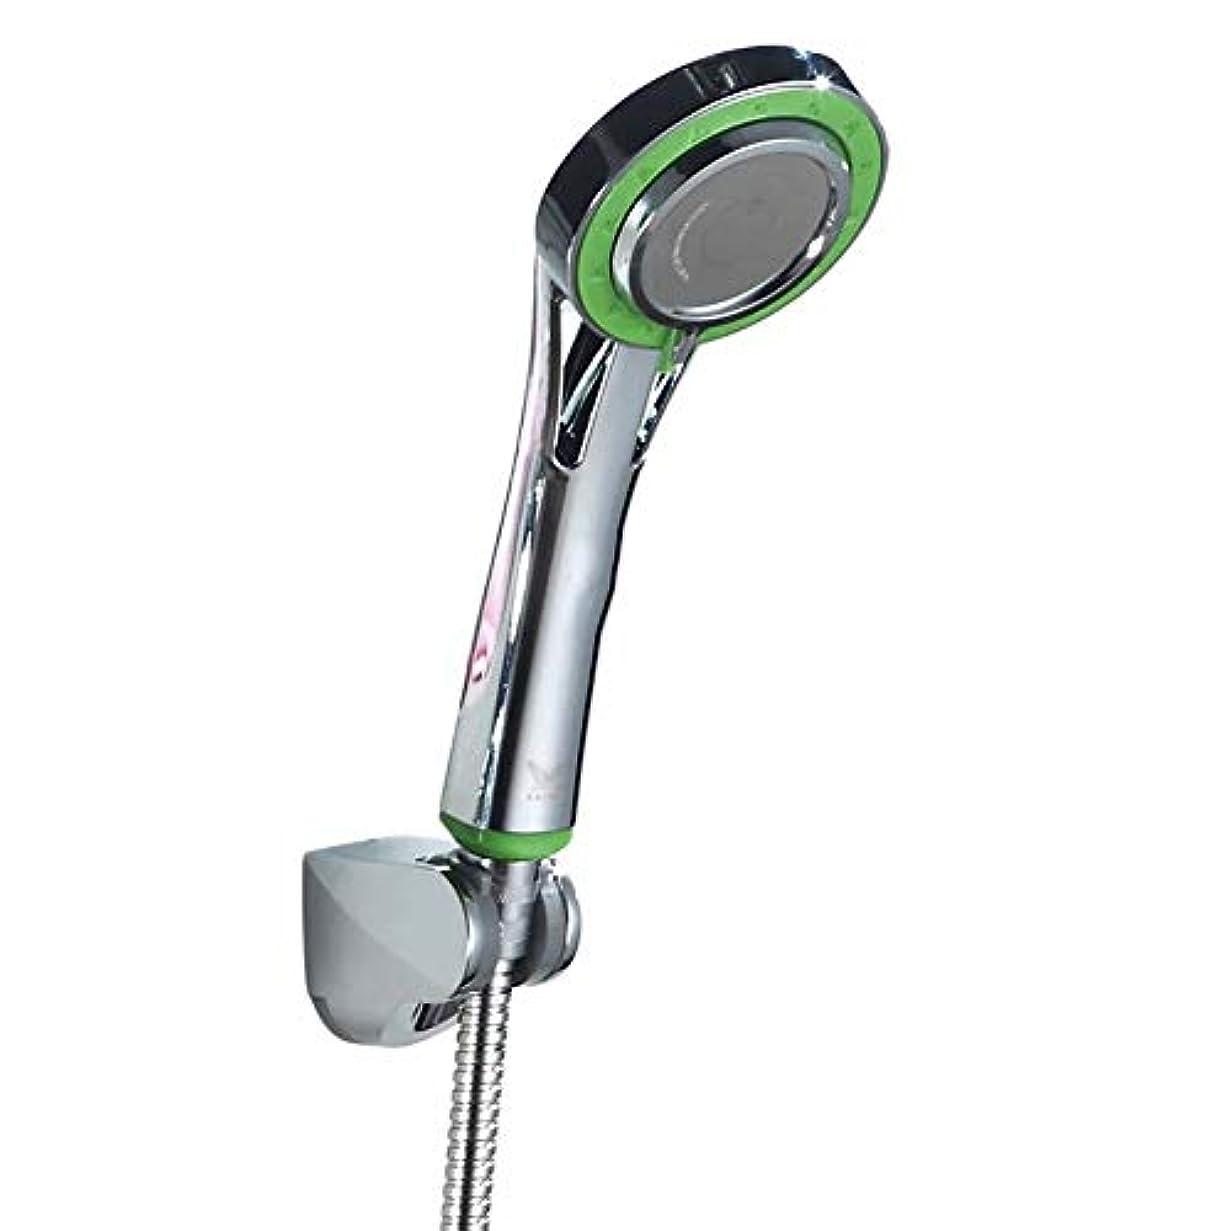 アイロニー母性恐れるシャワーヘッド、バスルームシャワーパイプ+シャワーホルダー調節可能+機能的手すりシャワーヘッドシャワーホース3シャワーモード